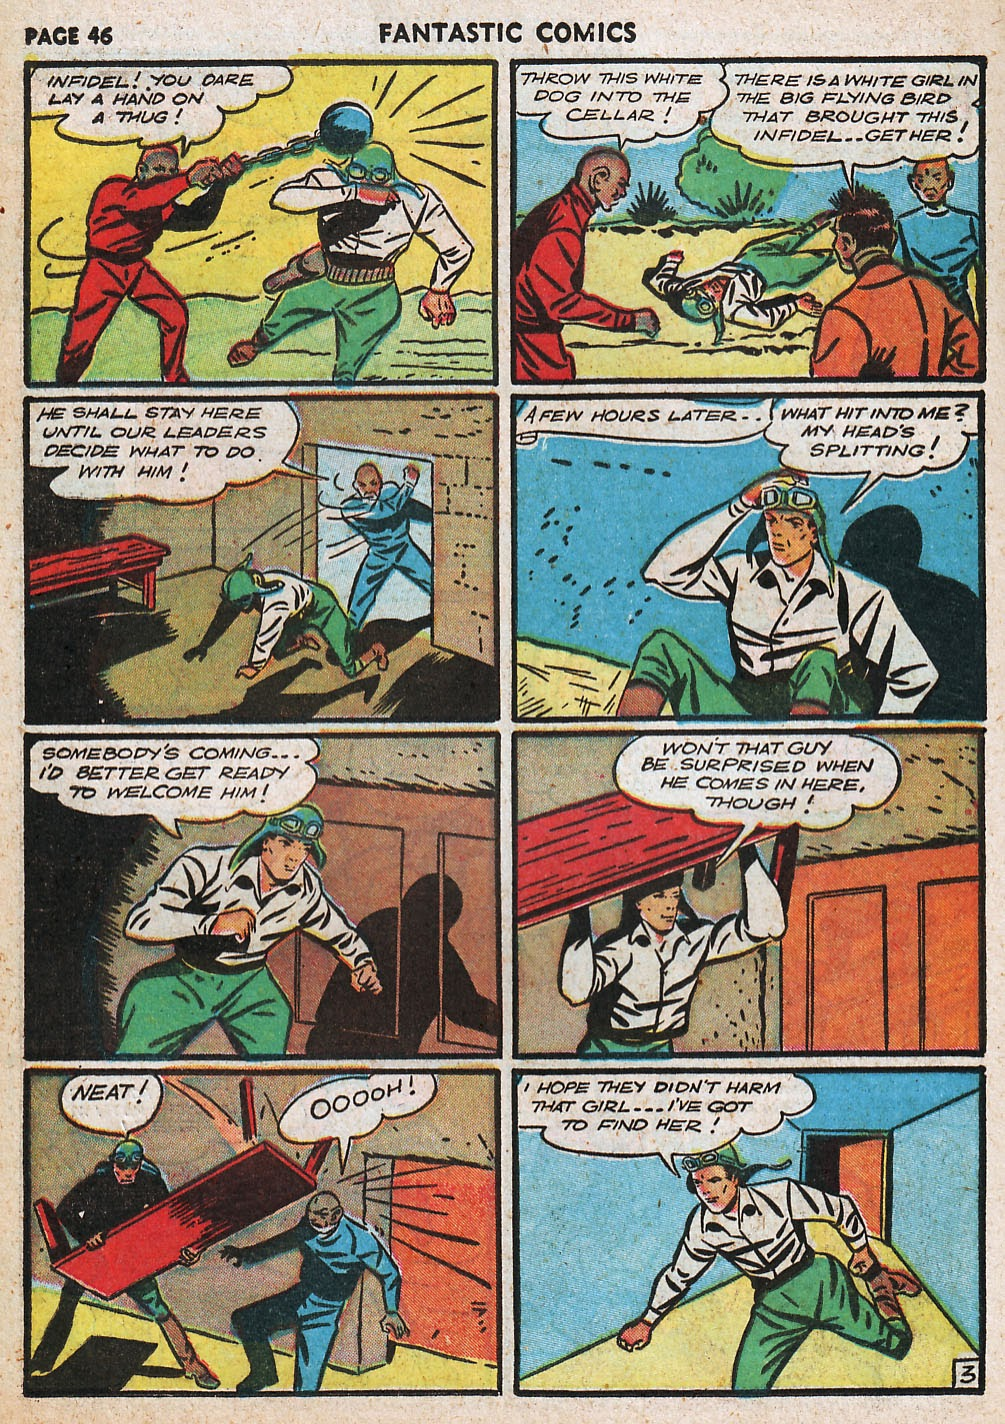 Read online Fantastic Comics comic -  Issue #20 - 46